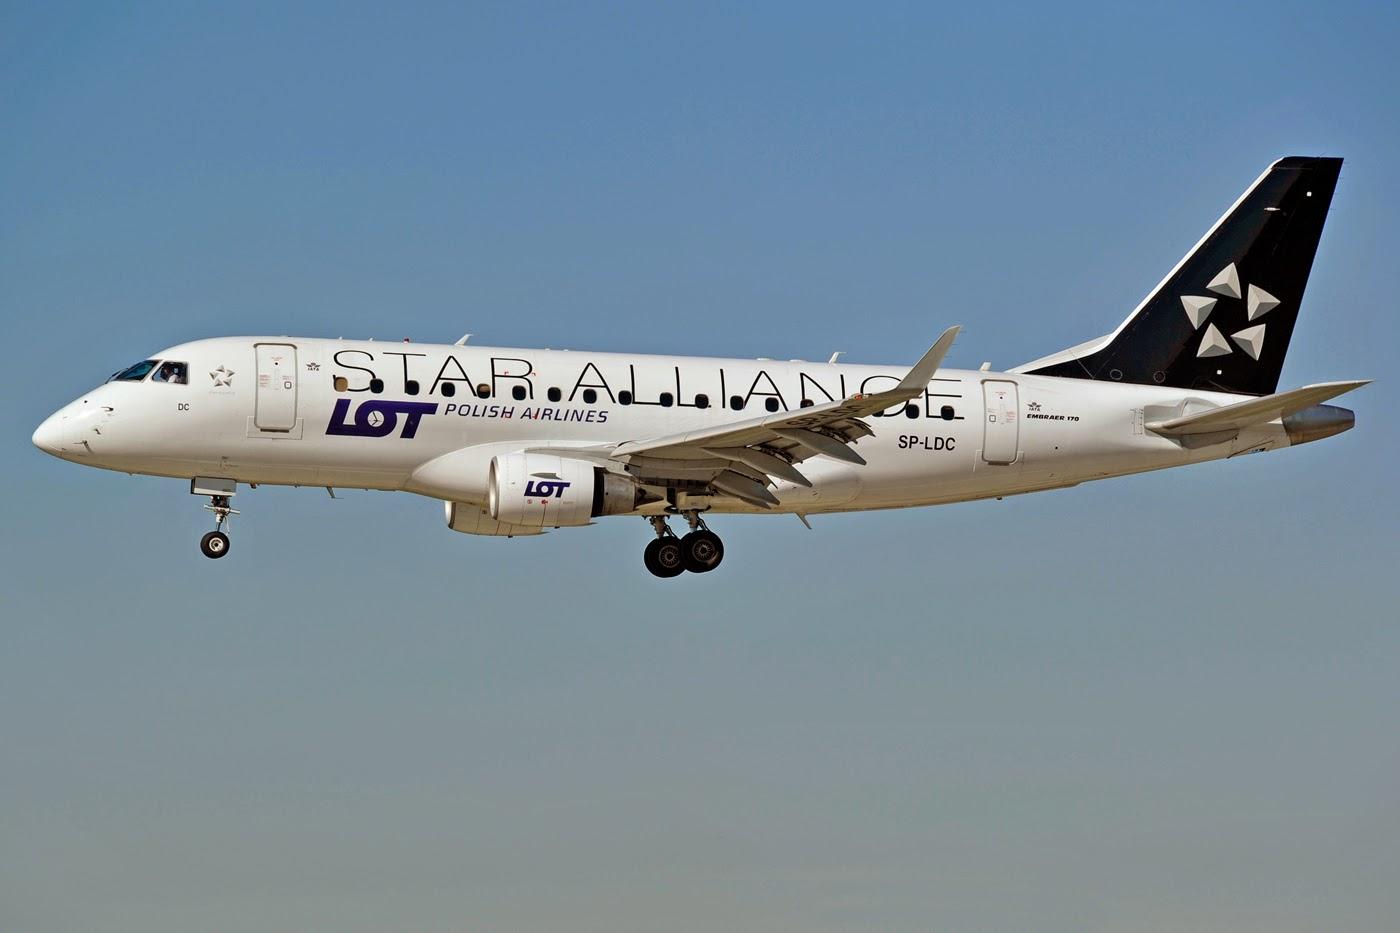 Польская LOT покупает крупнейшую чартерную авиакомпанию Германии